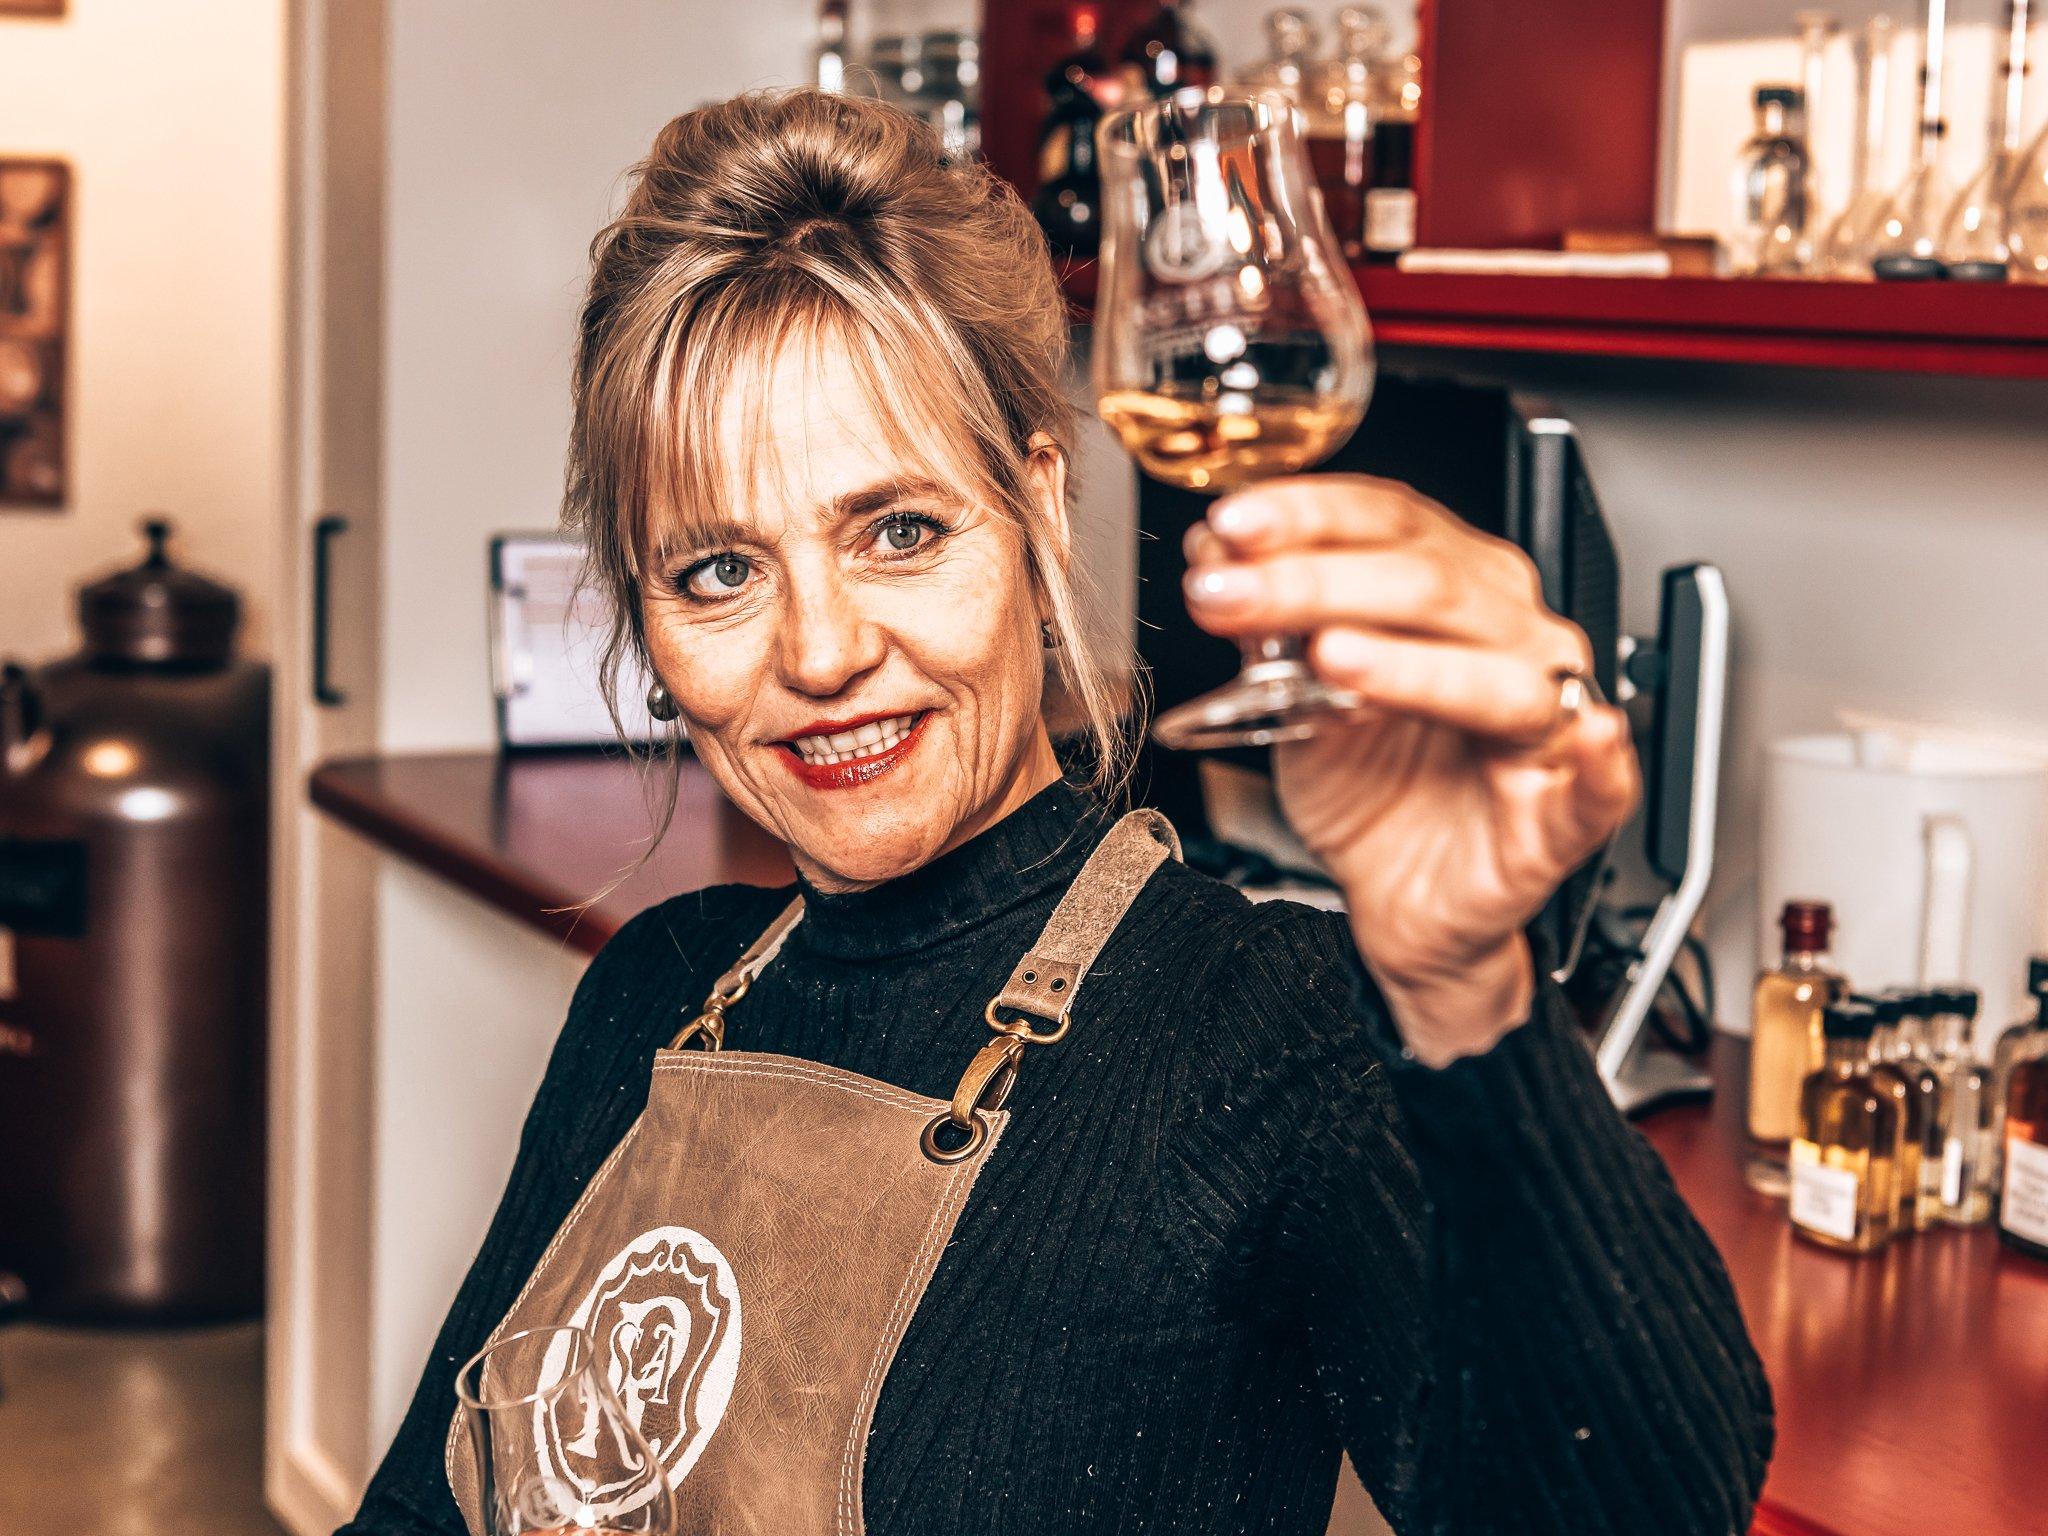 Myriam, Het verhaal van de Master Distiller, Distilleerderij Rutte, Alles over gin.